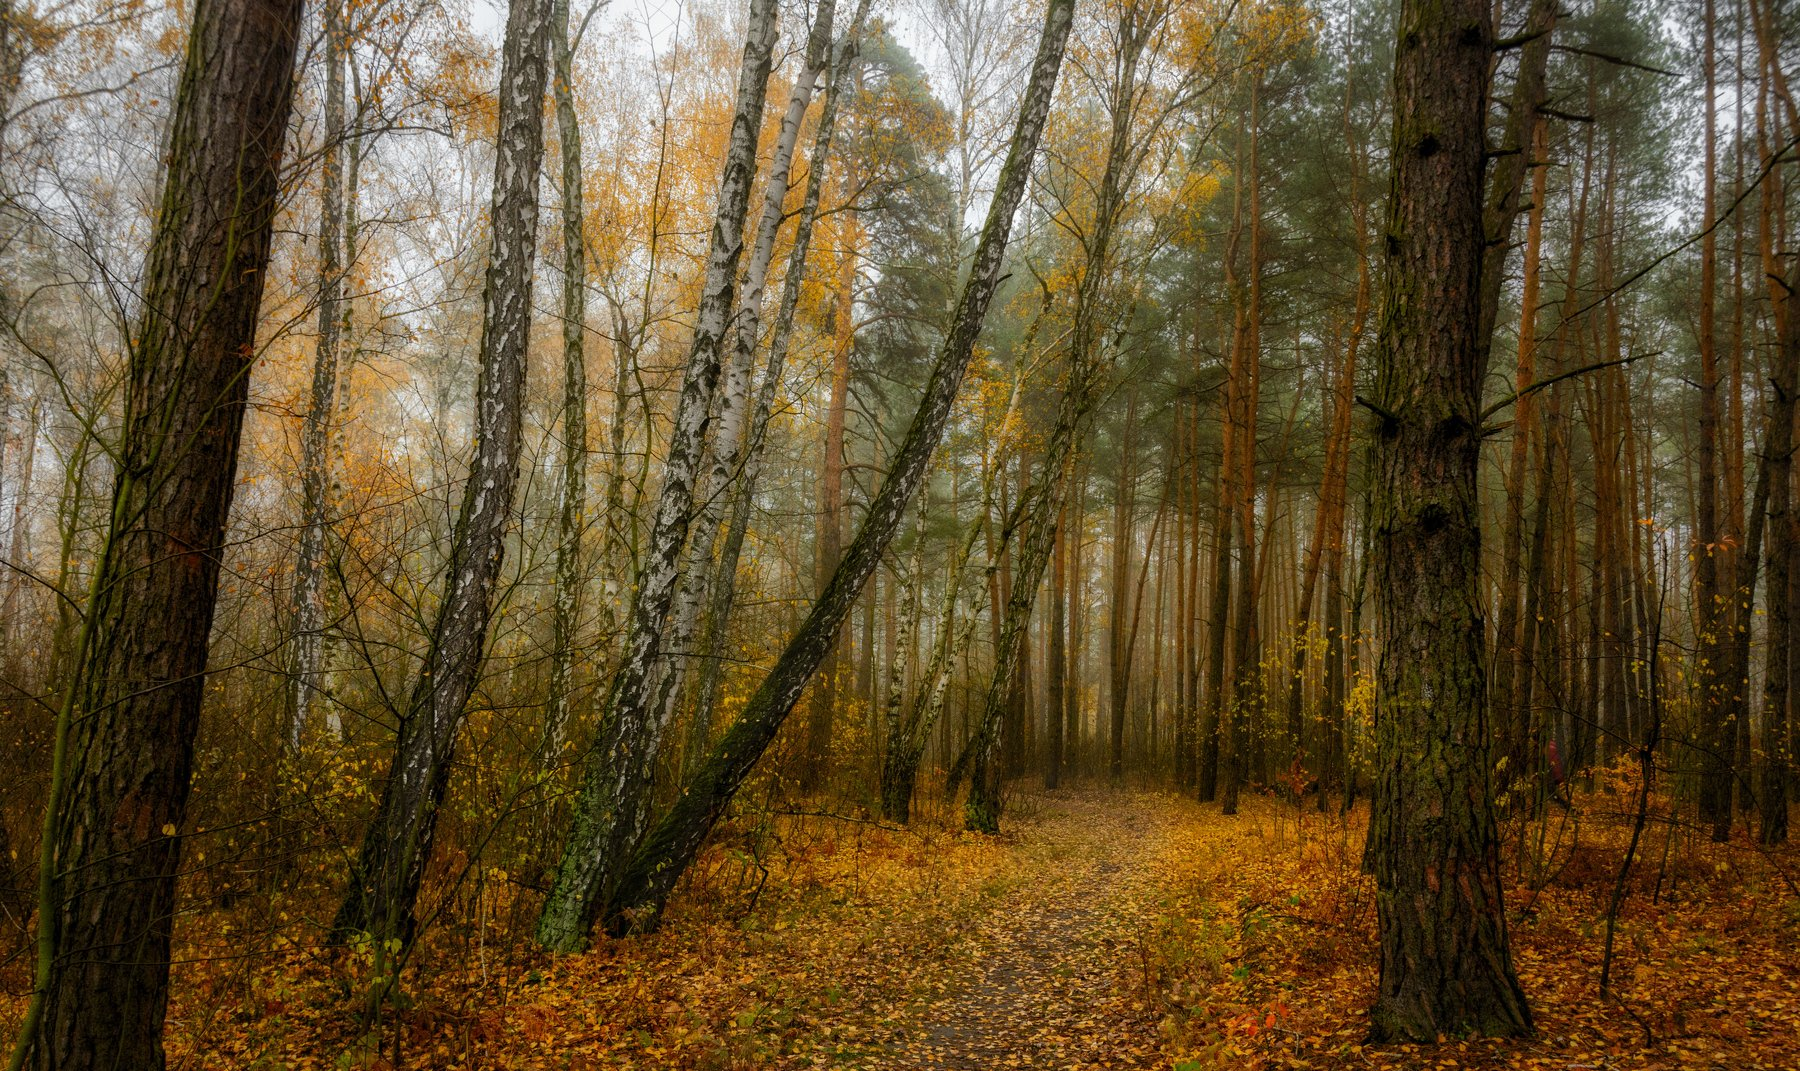 landscape, пейзаж,  деревья,  природа, осенние листья,  осень,   прогулка, осенние краски, дорожка,  опавшие листья, Михаил MSH